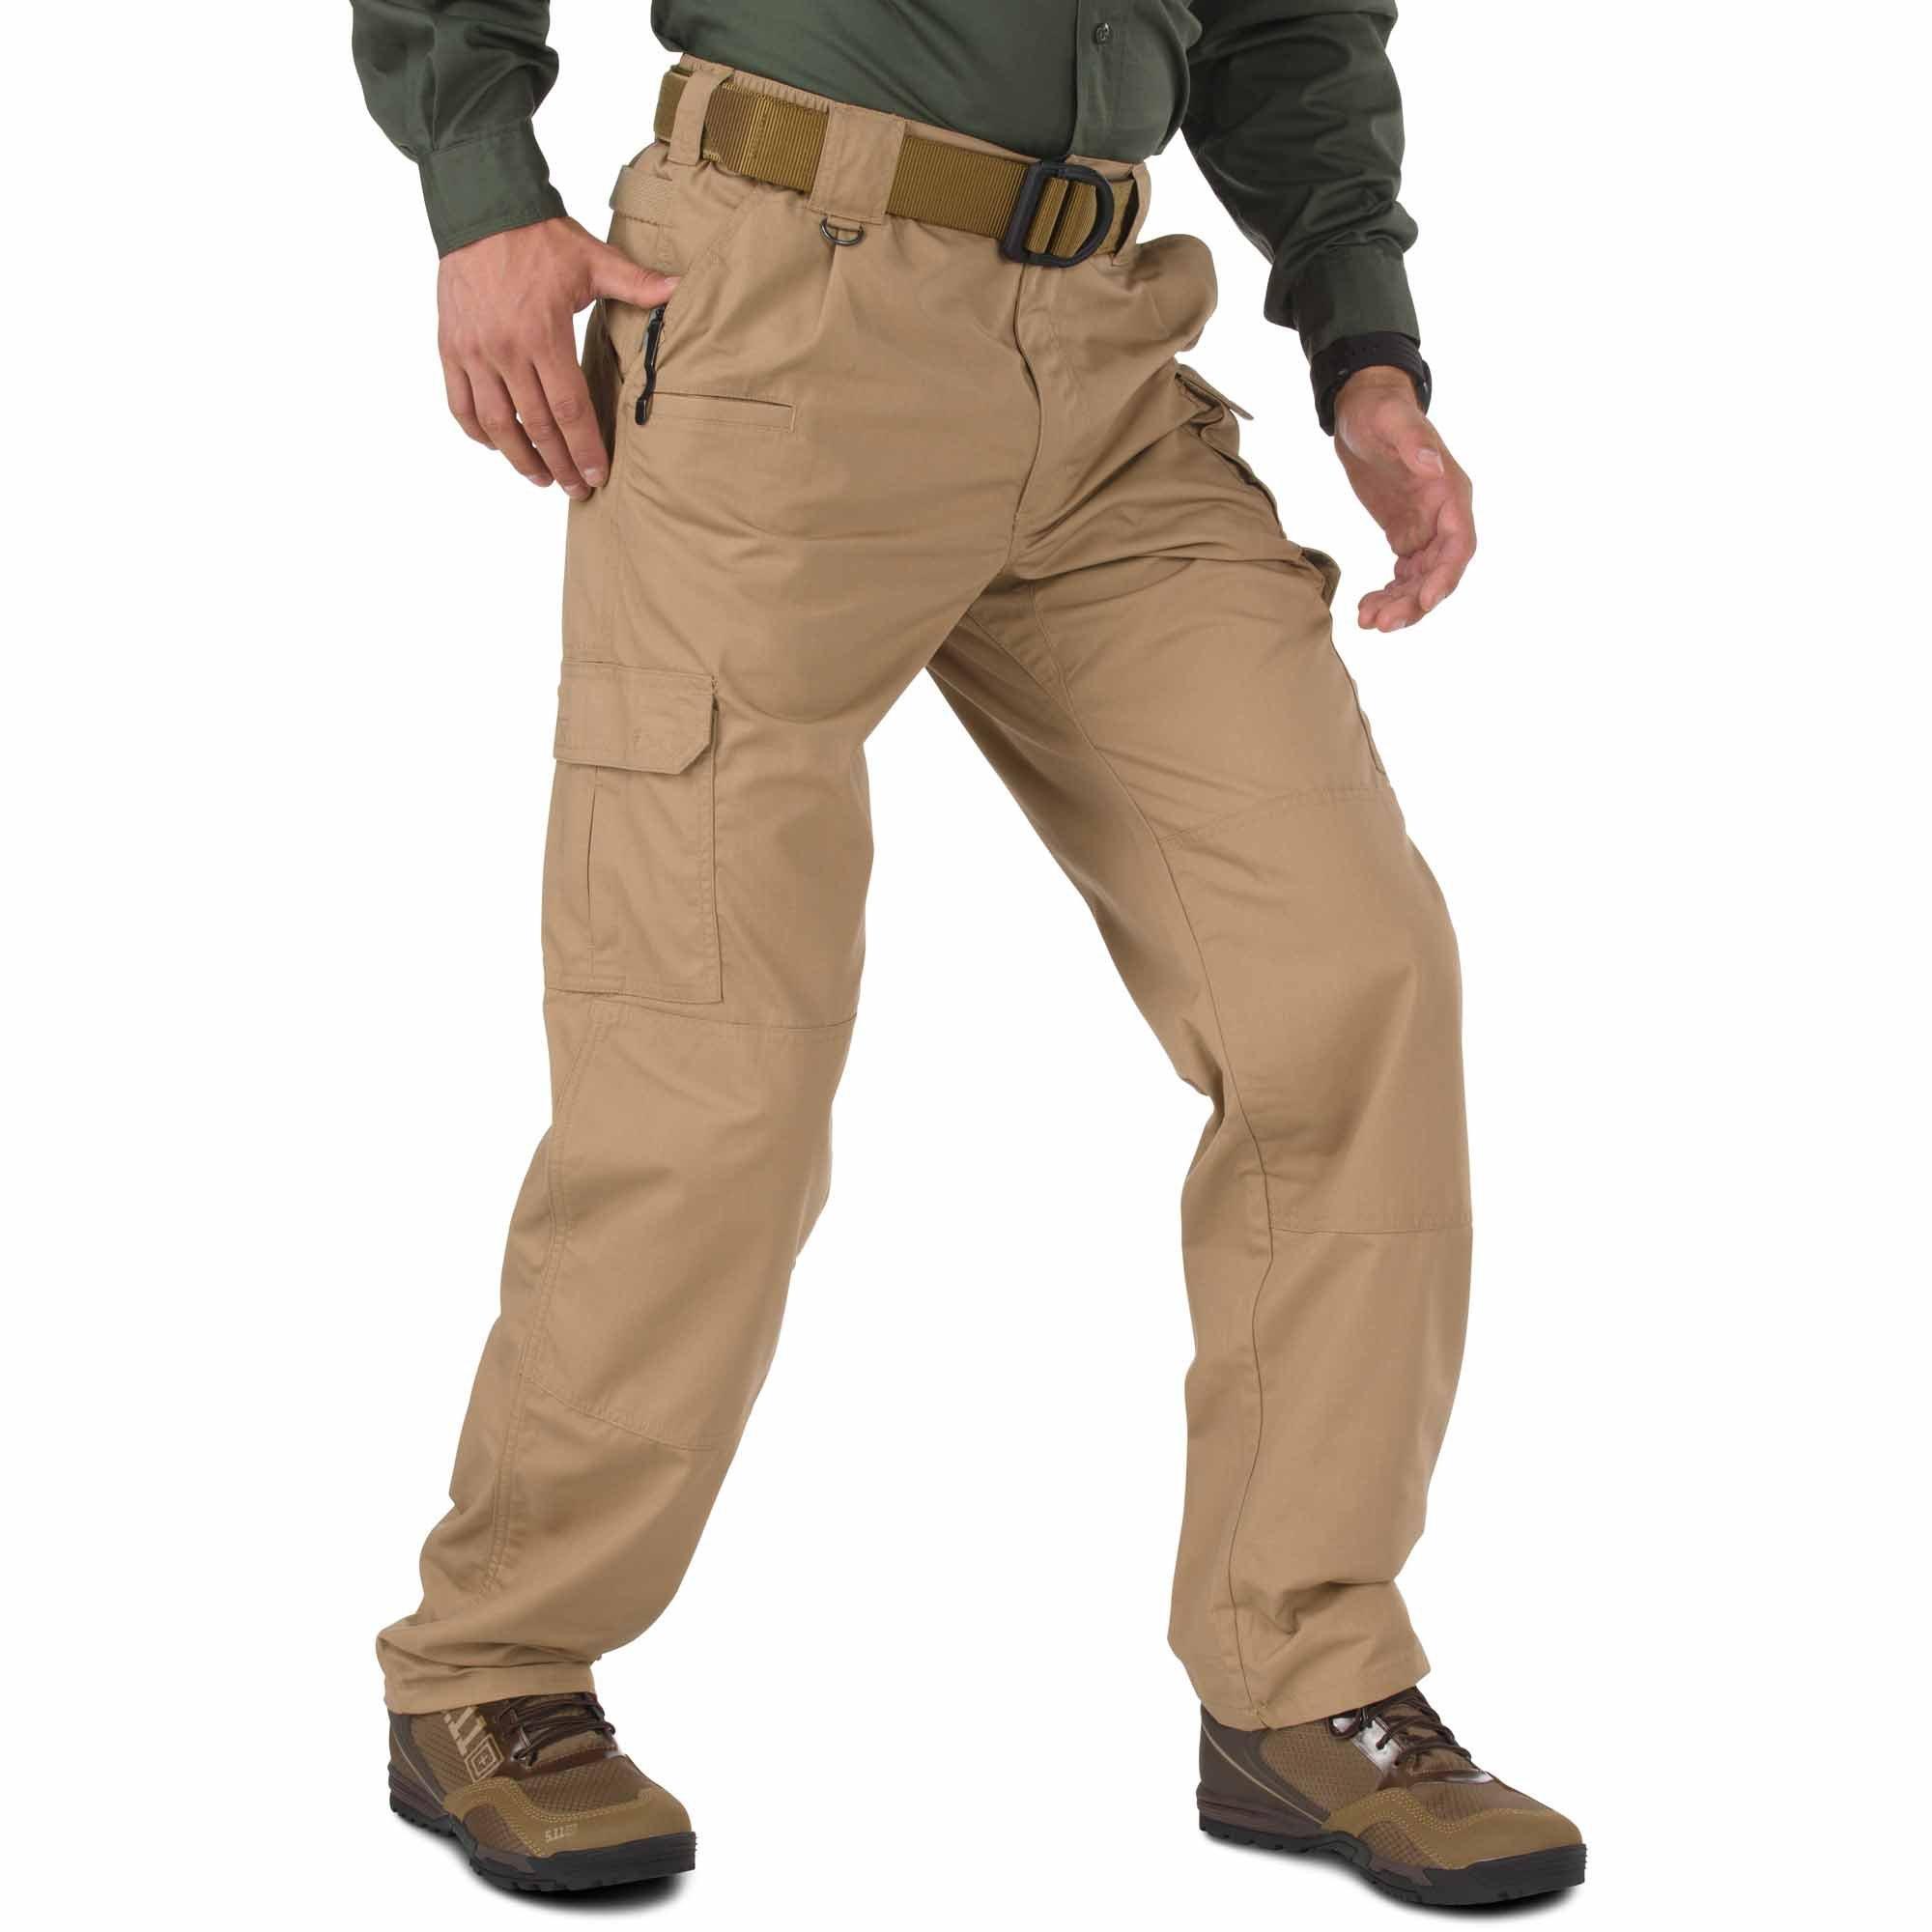 5.11 Men's TACLITE Pro Tactical Pants, Style 74273, Coyote, 36Wx30L